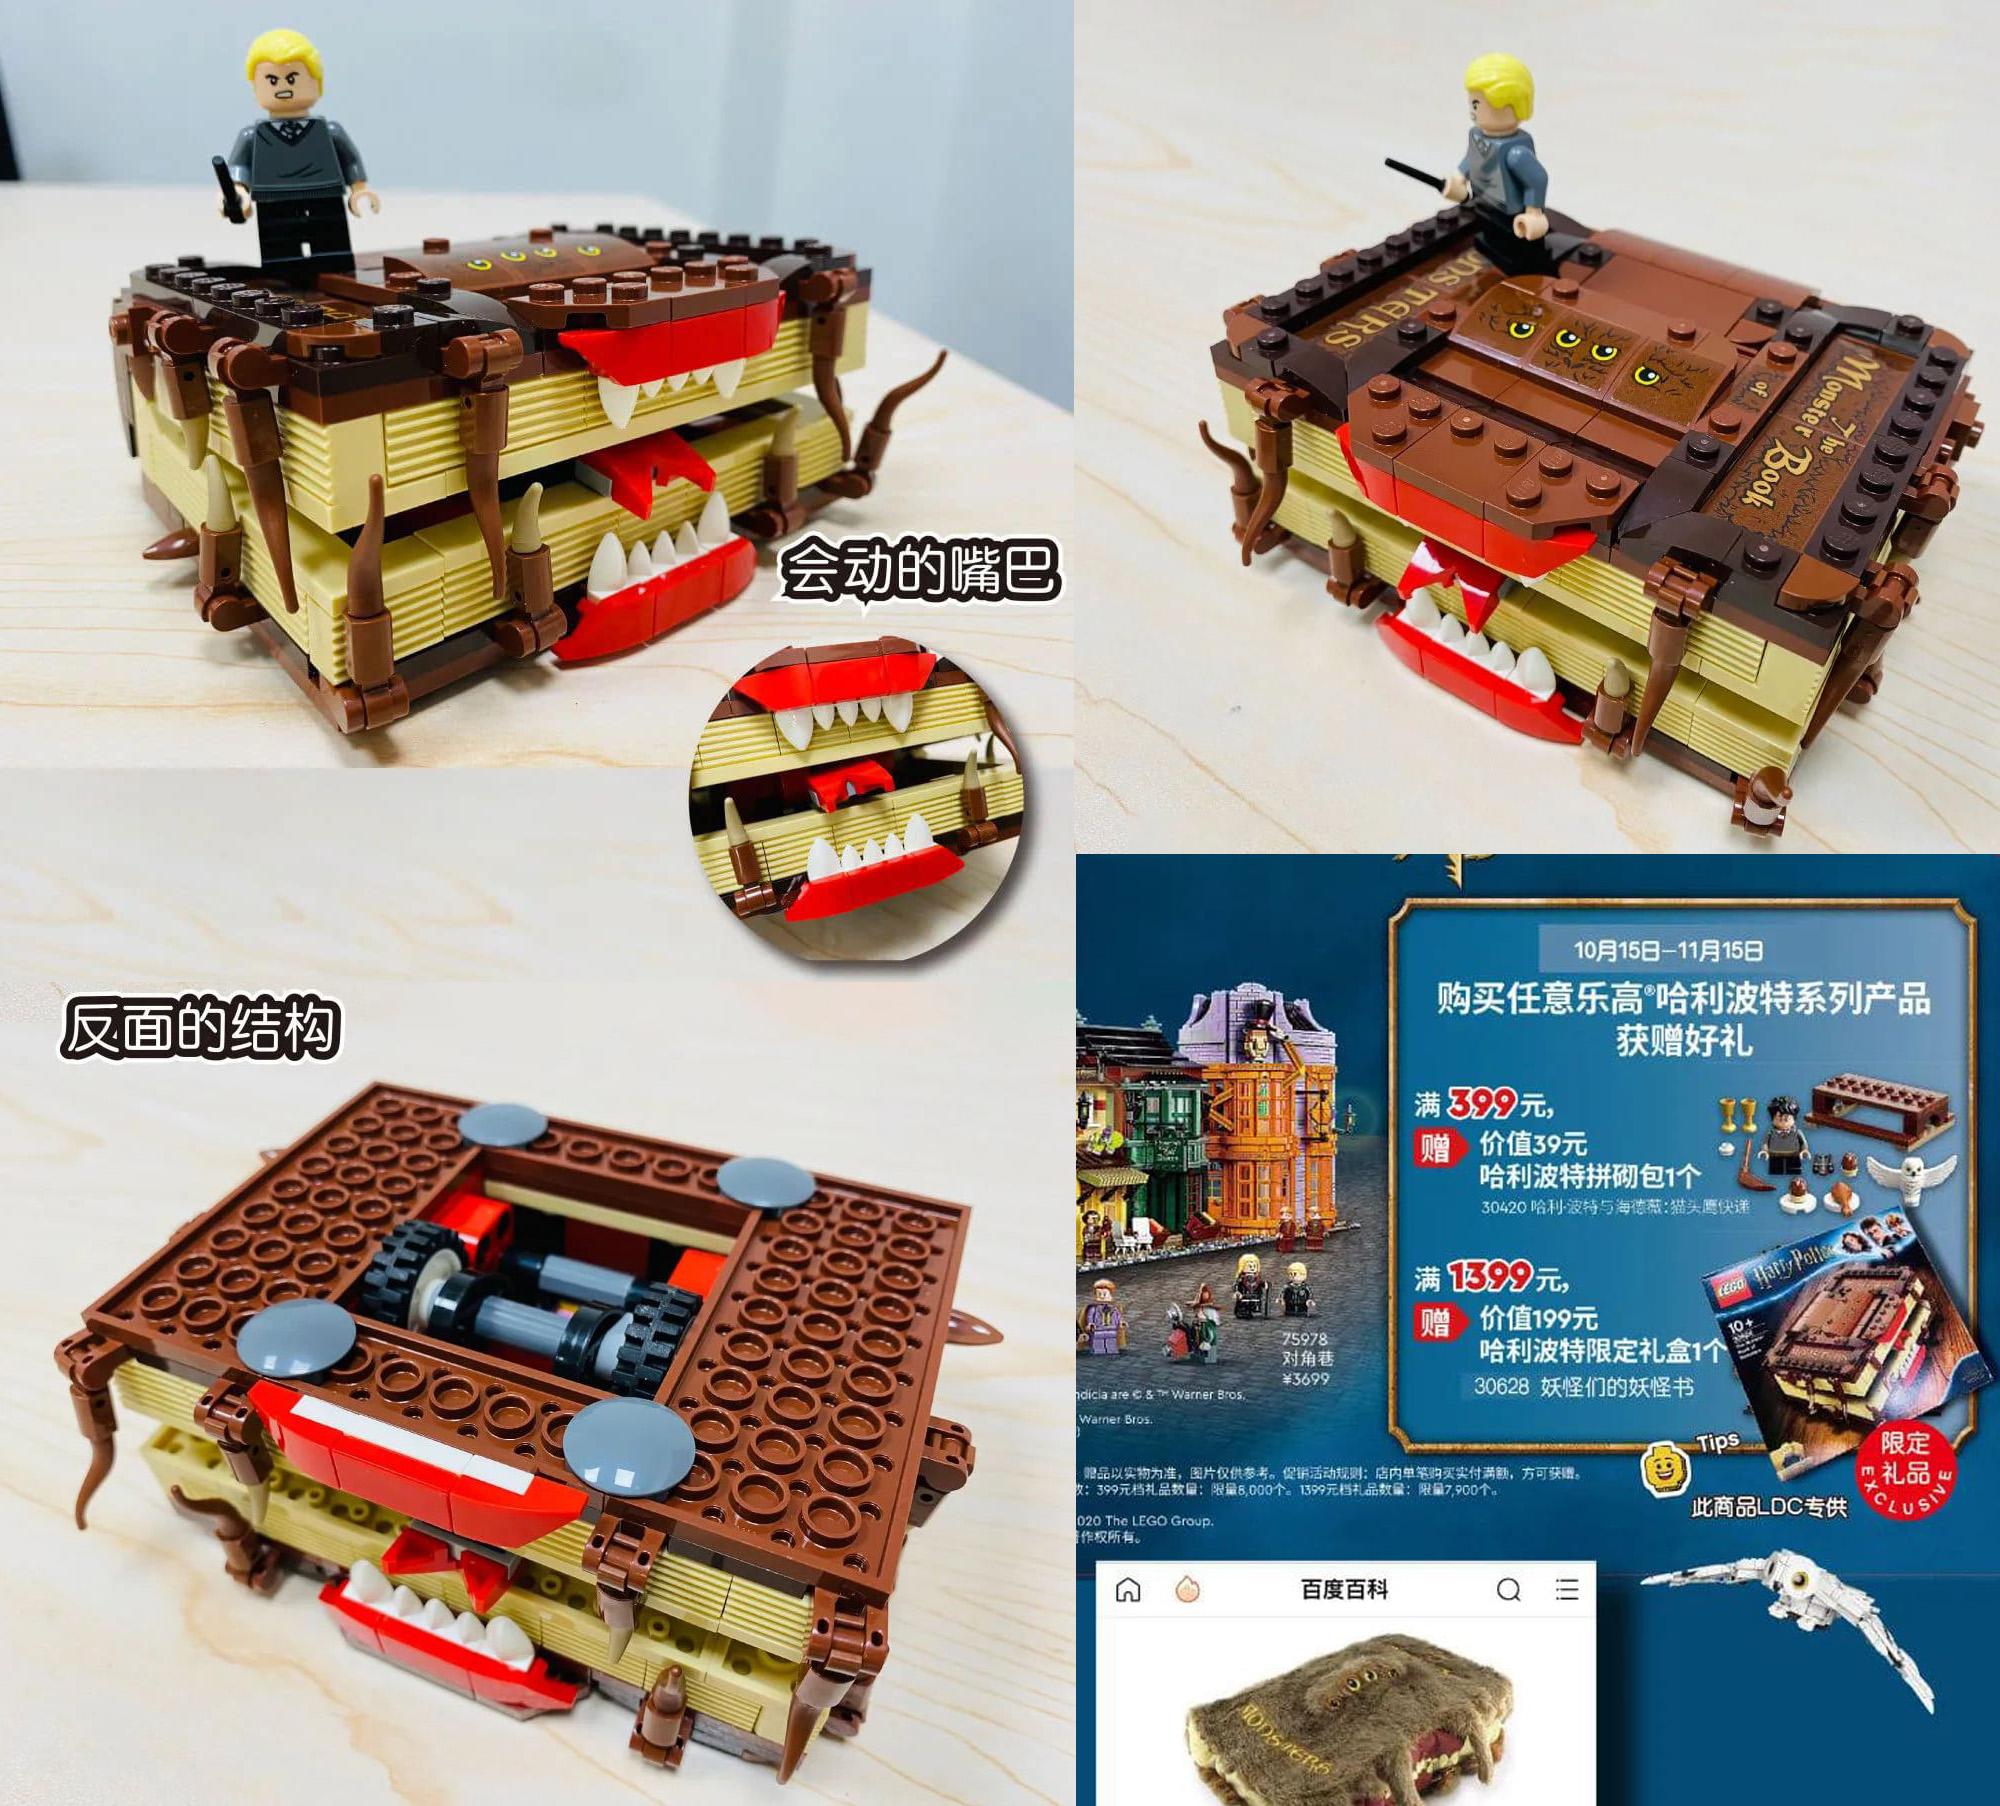 レゴ「30628 怪物的な怪物の本」セット登場!ハリー・ポッターの購入者プレゼント新製品(2020)